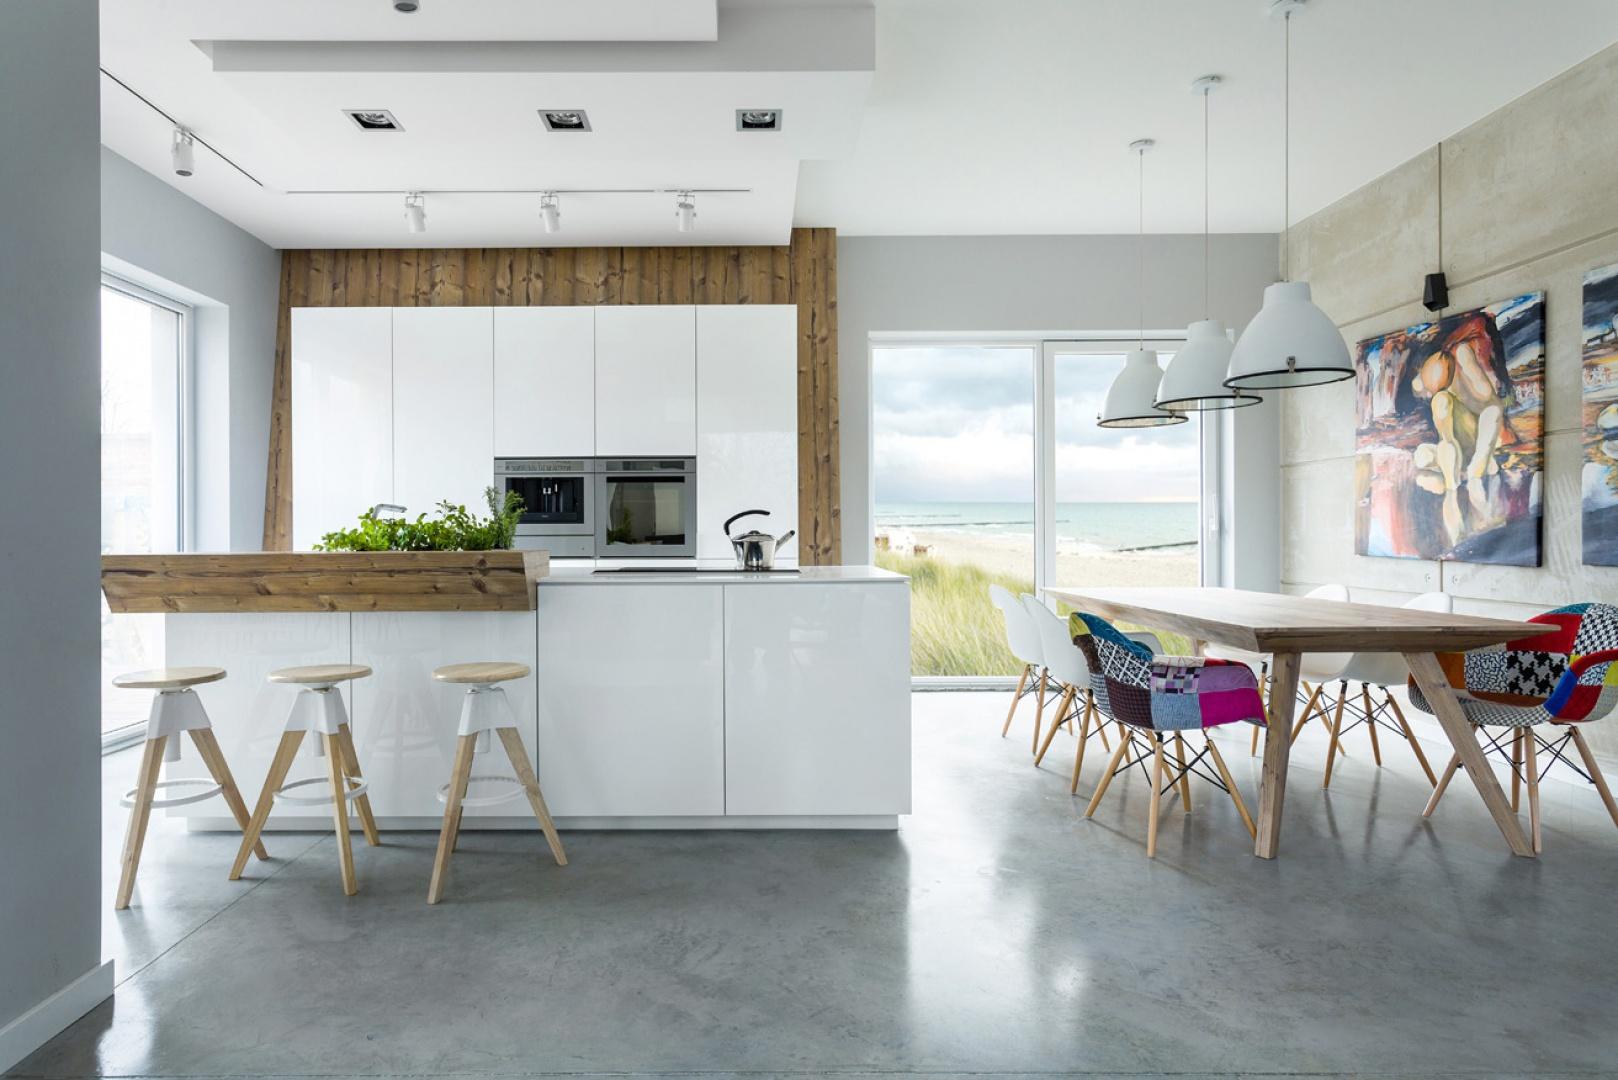 Zachowanie odpowiednich odległości pomiędzy strefami w kuchni przyczynia się również do oszczędności energii. Fot. Max Kuchnie